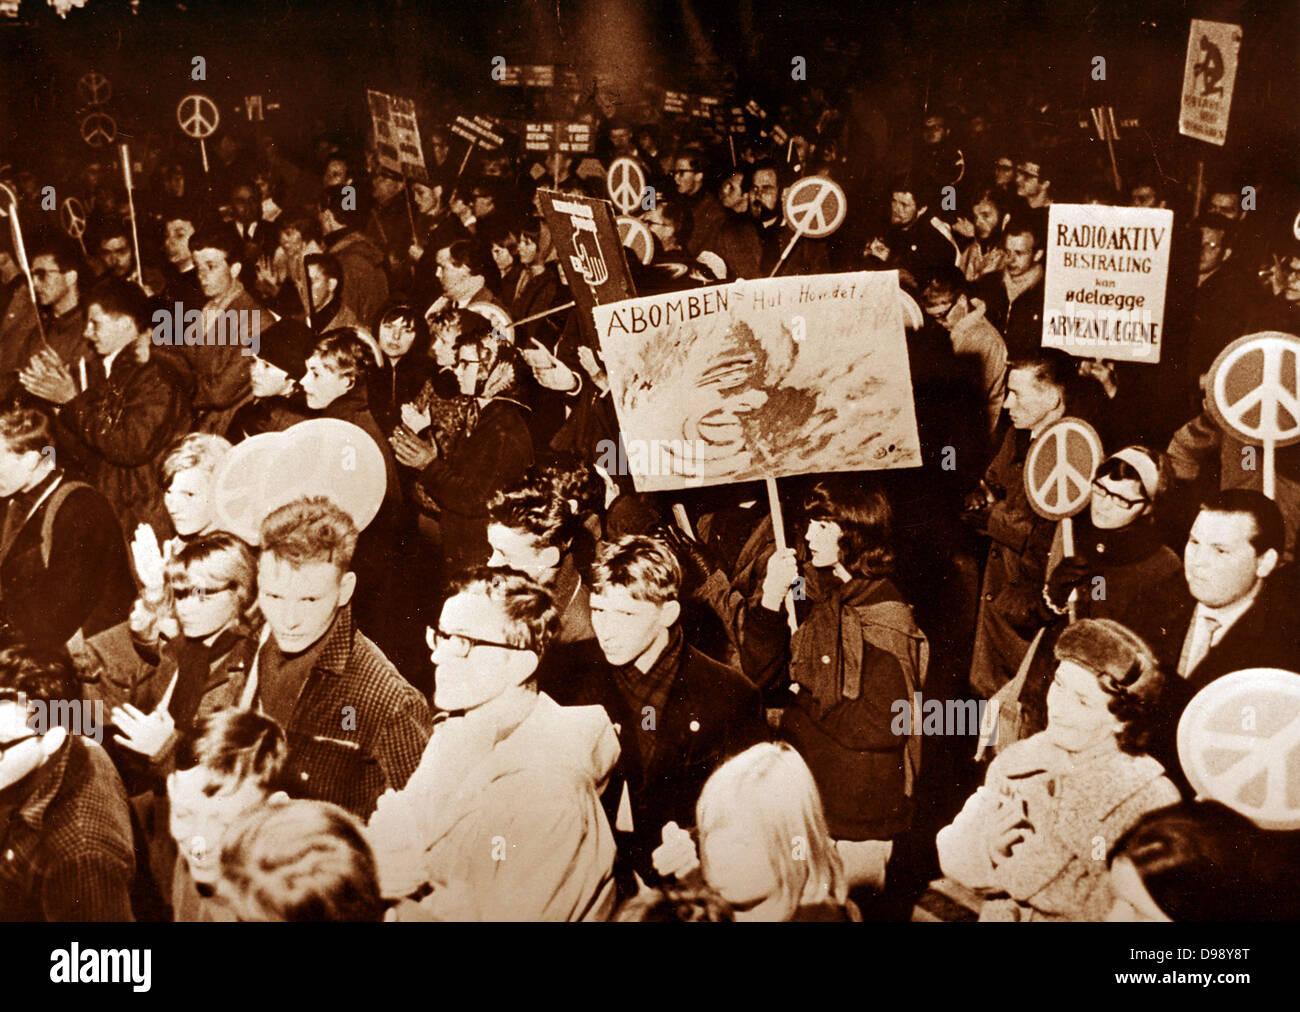 Manifestation anti-nucléaire en France pendant les années 1960 Photo Stock